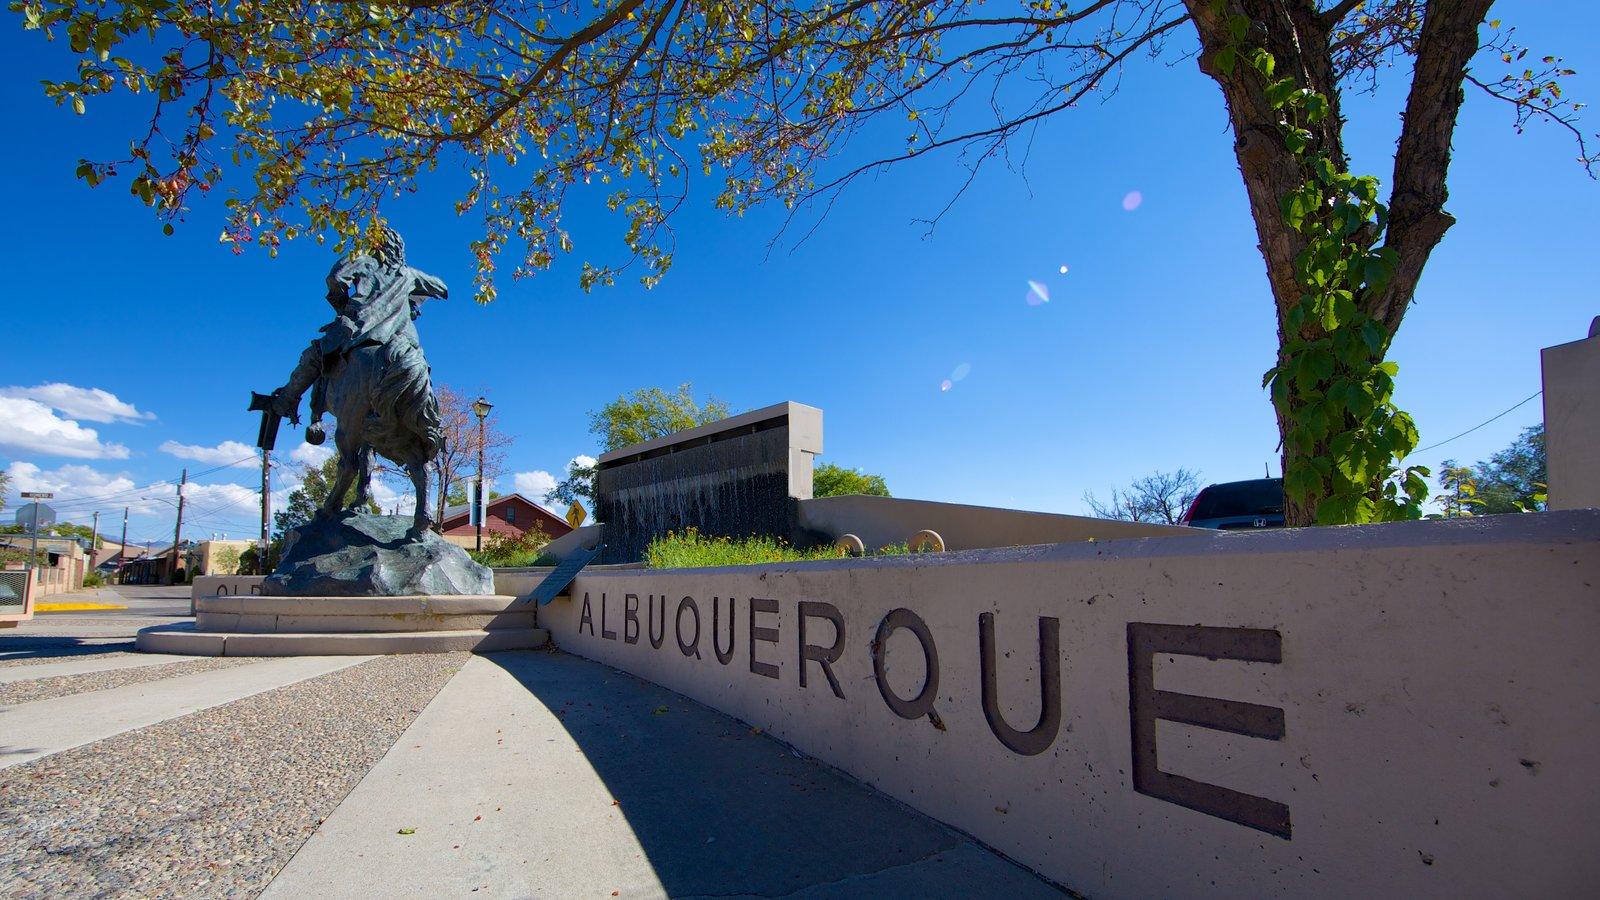 Albuquerque mostrando señalización y una estatua o escultura